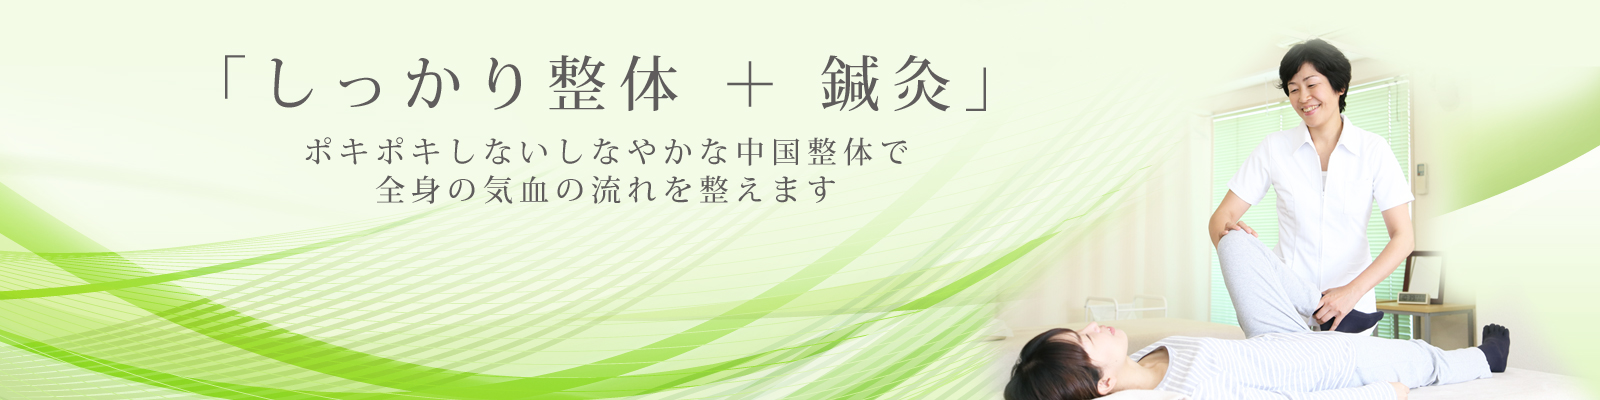 「しっかり整体 + 鍼灸」 ポキポキしないしなやかな中国整体で 全身の気血の流れを整えます